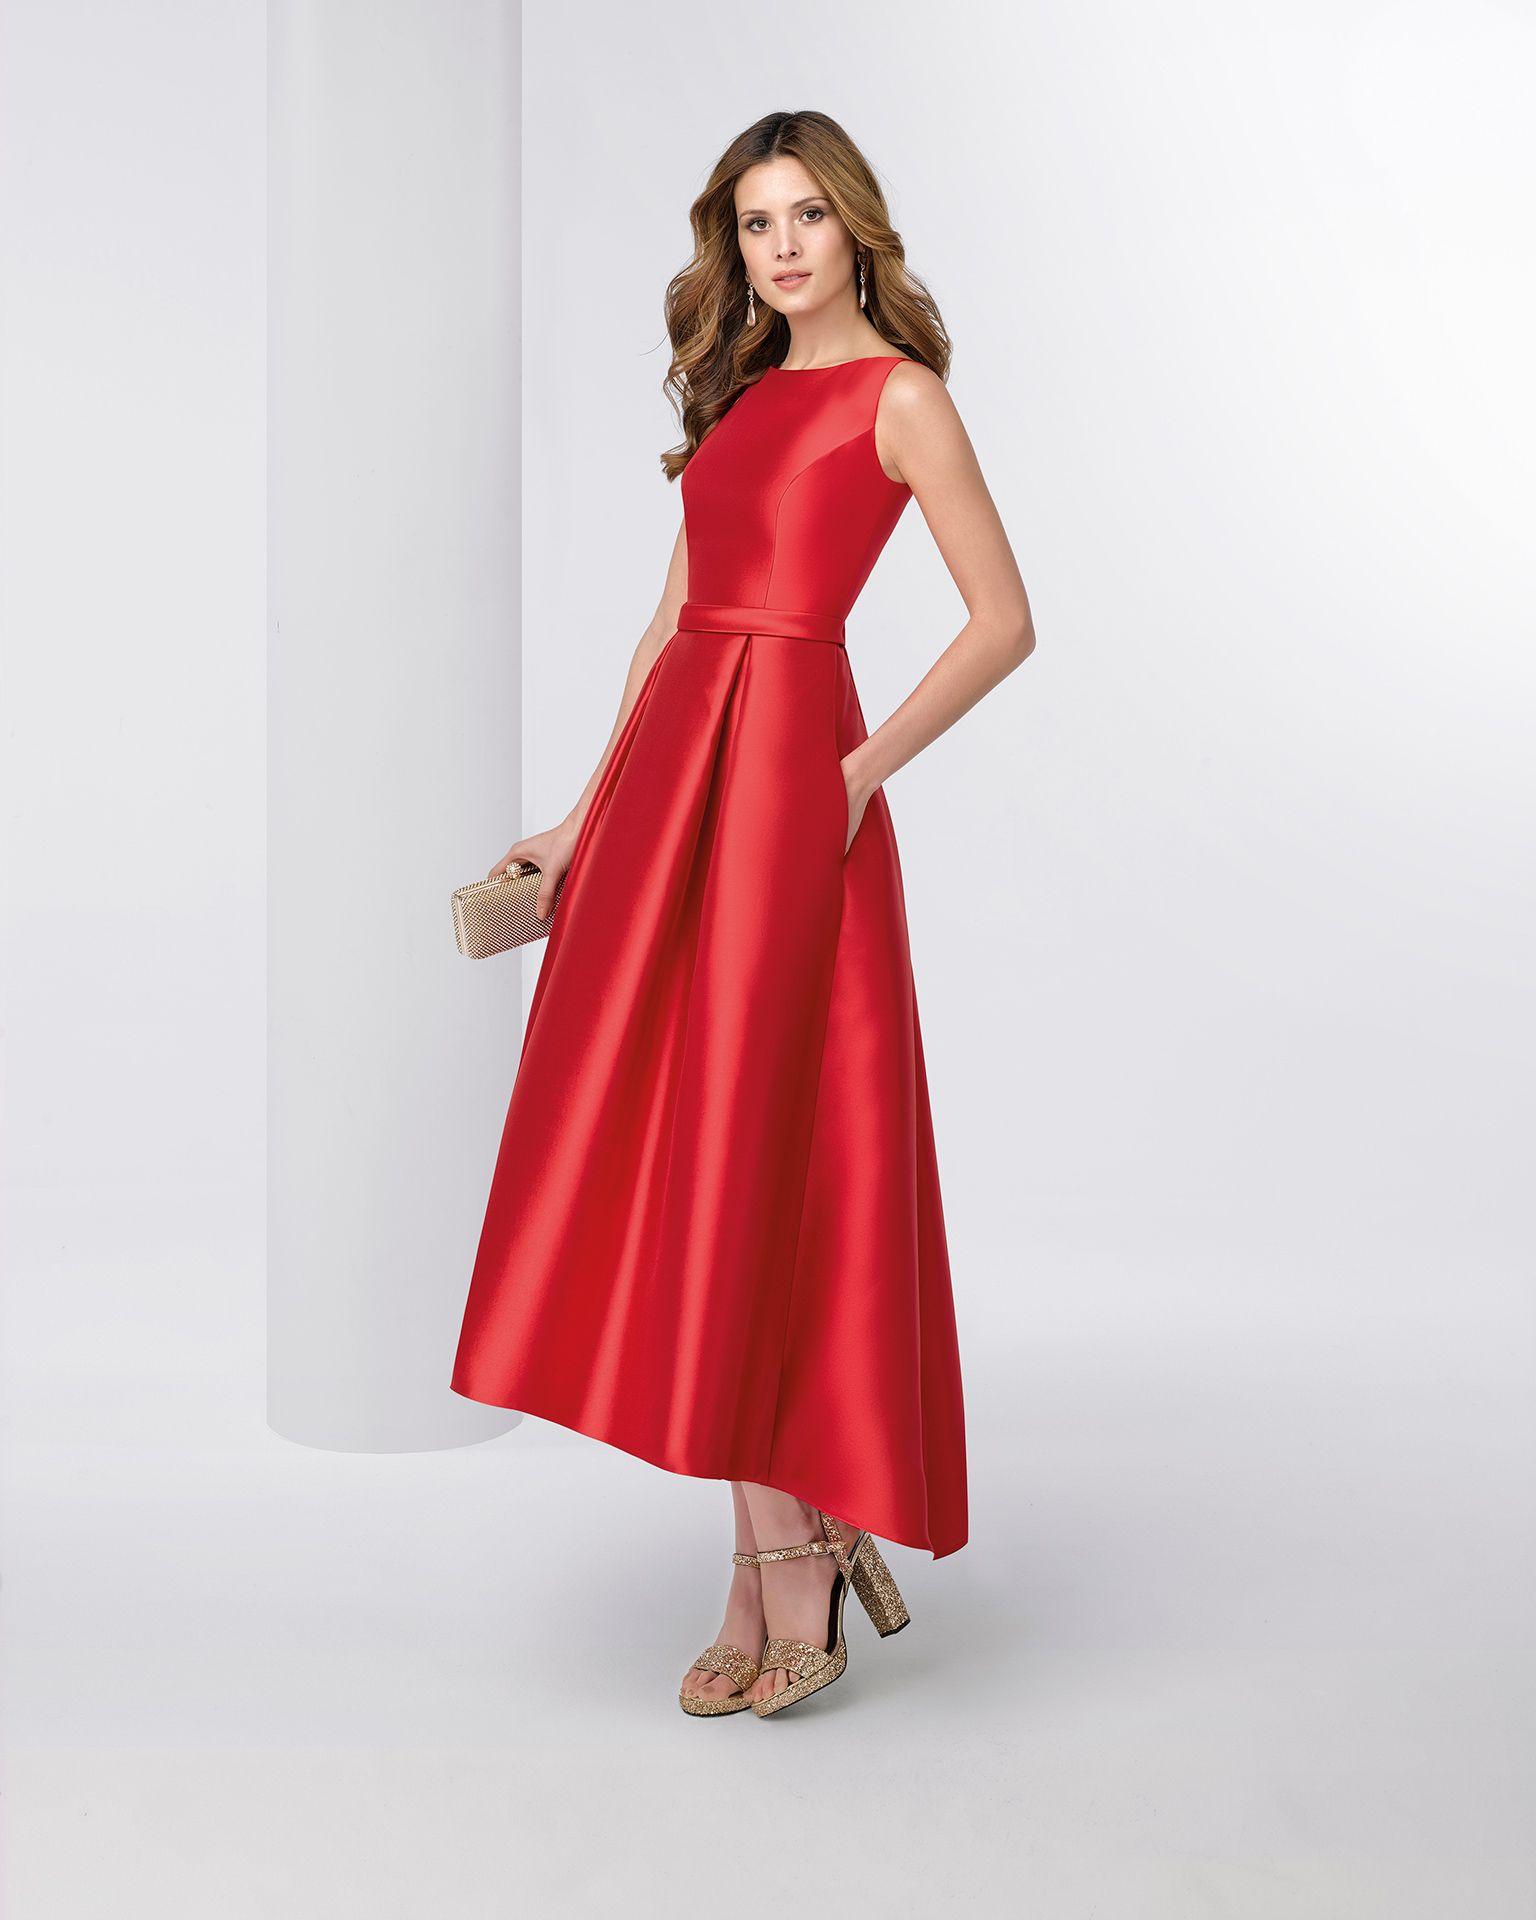 Vestidos coctel baratos barcelona